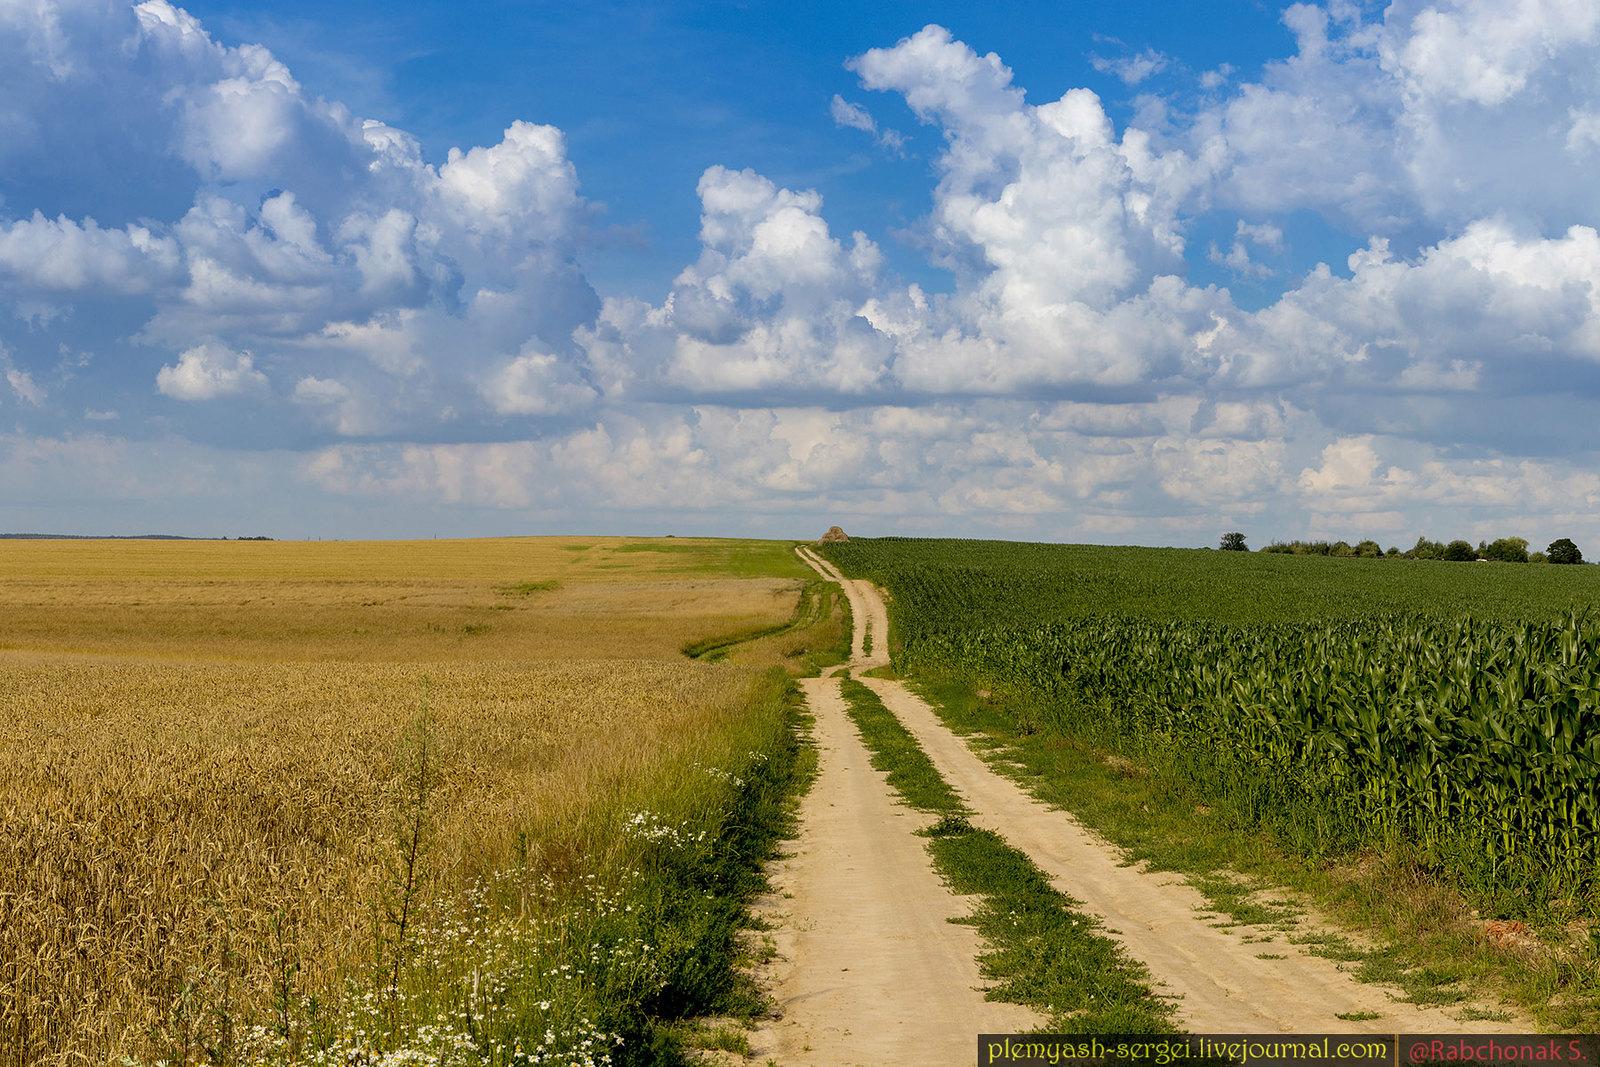 One rural road